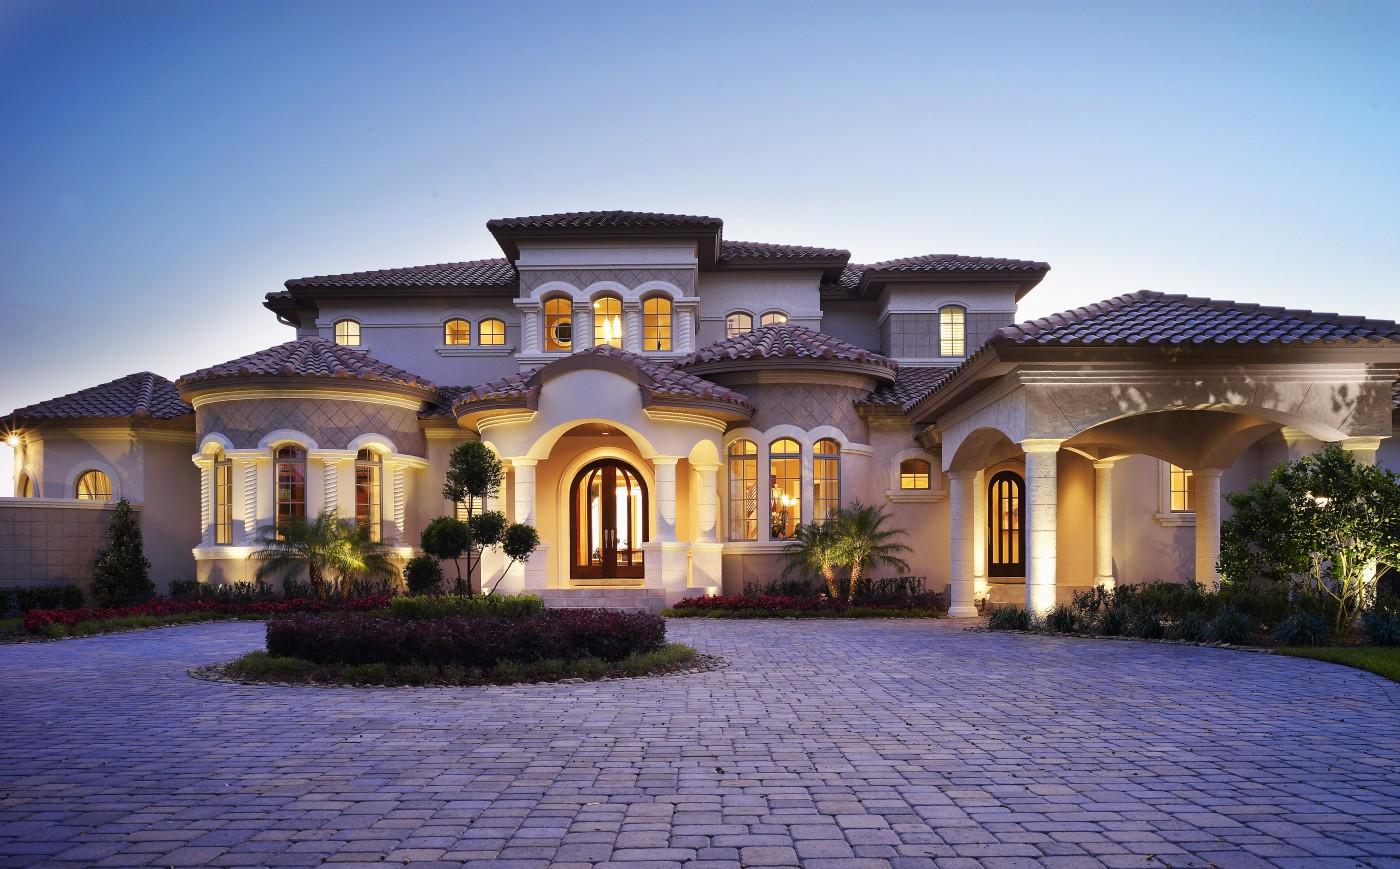 Custom Home Builders Tampa Fl, Luxury Home Builders Tampa